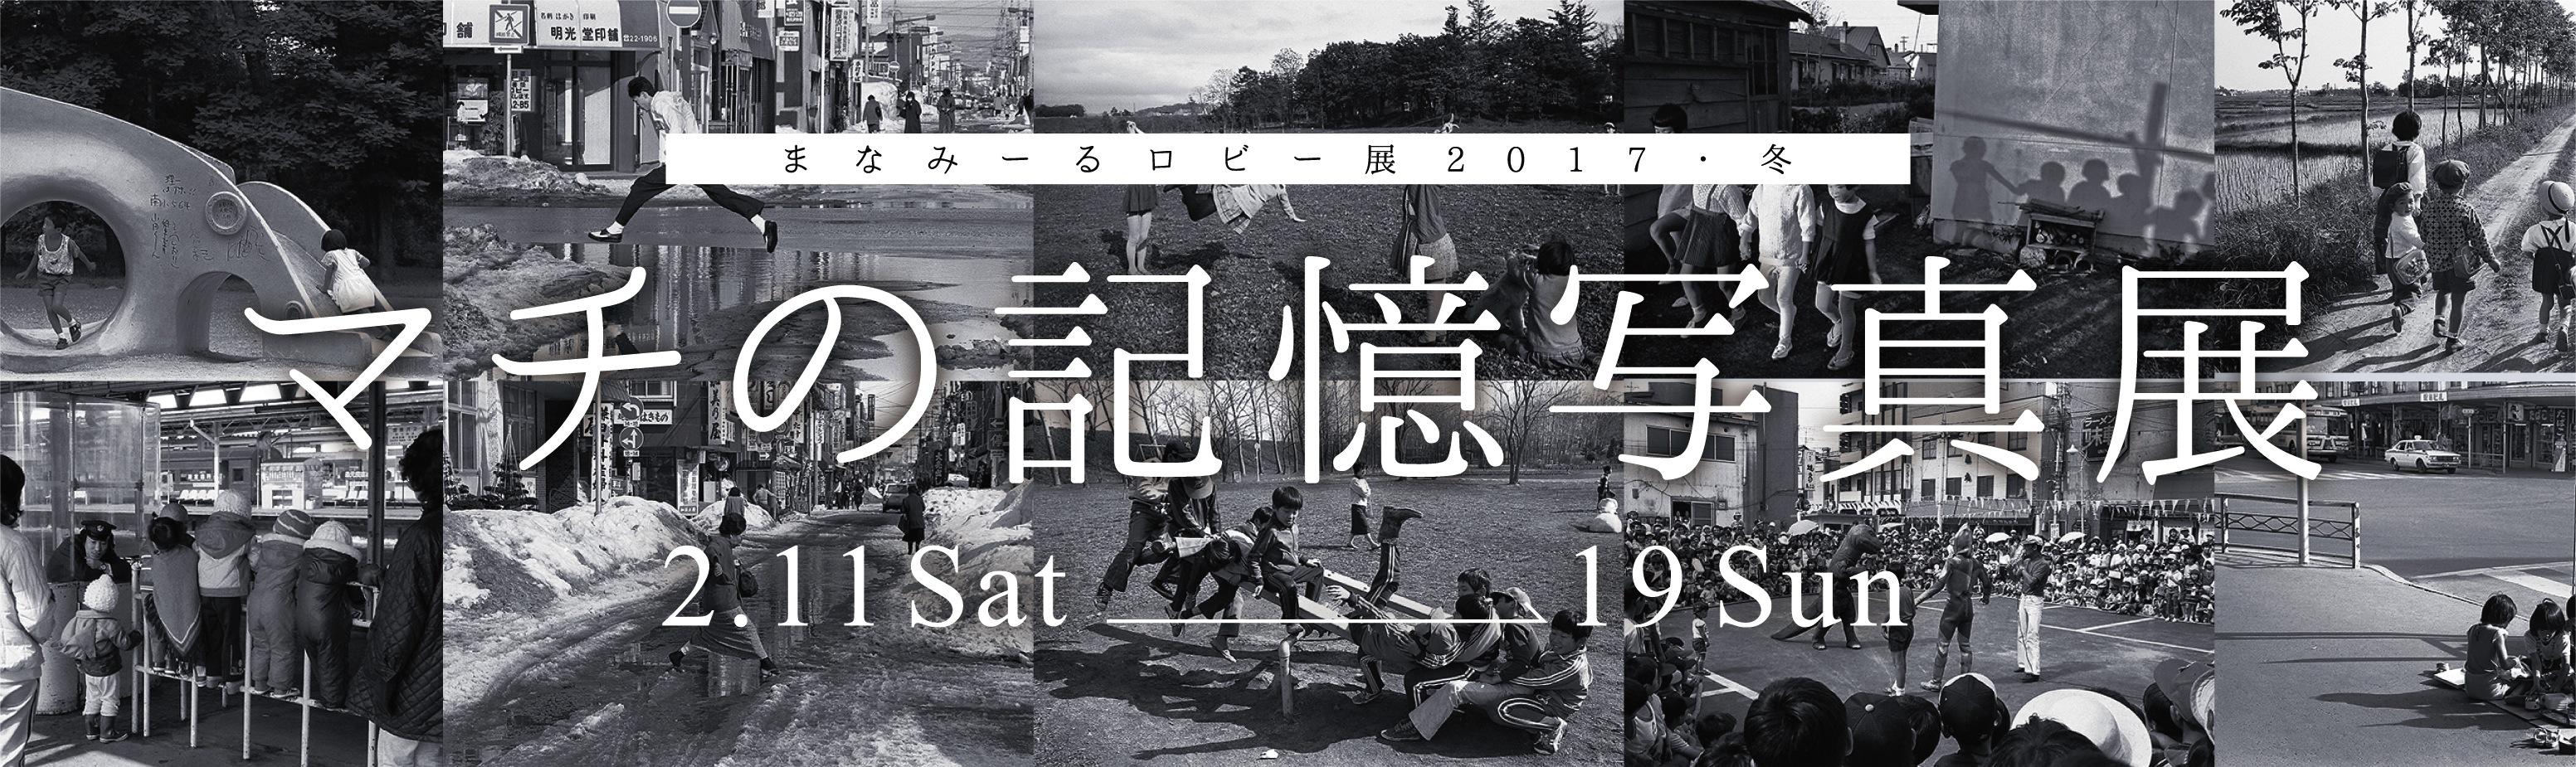 まなみーるロビー展2017・冬 マチの記憶写真展